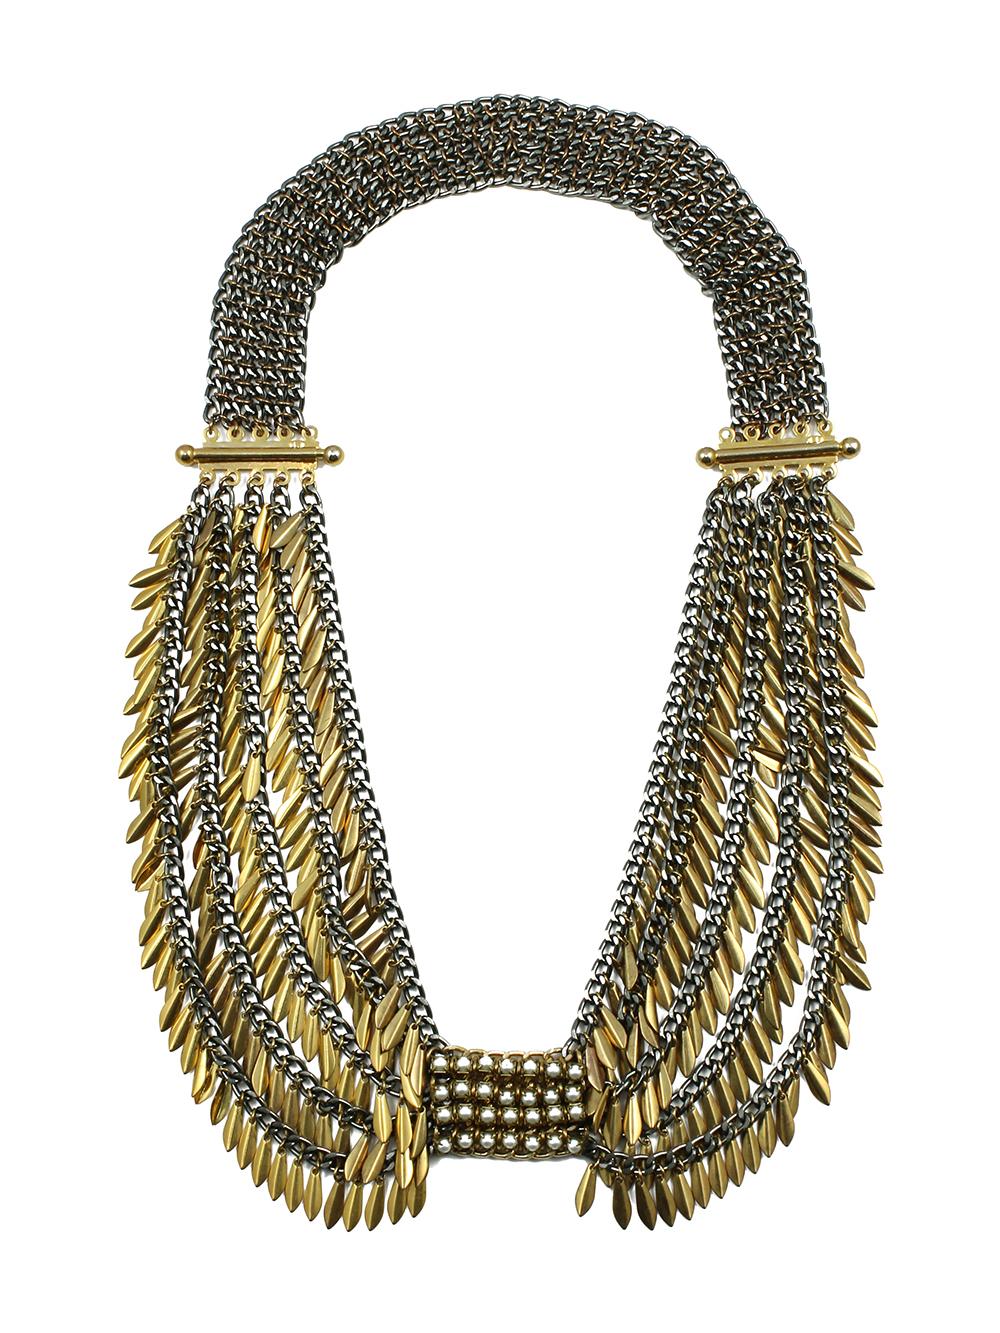 032 Gold Leaf Necklace.jpg